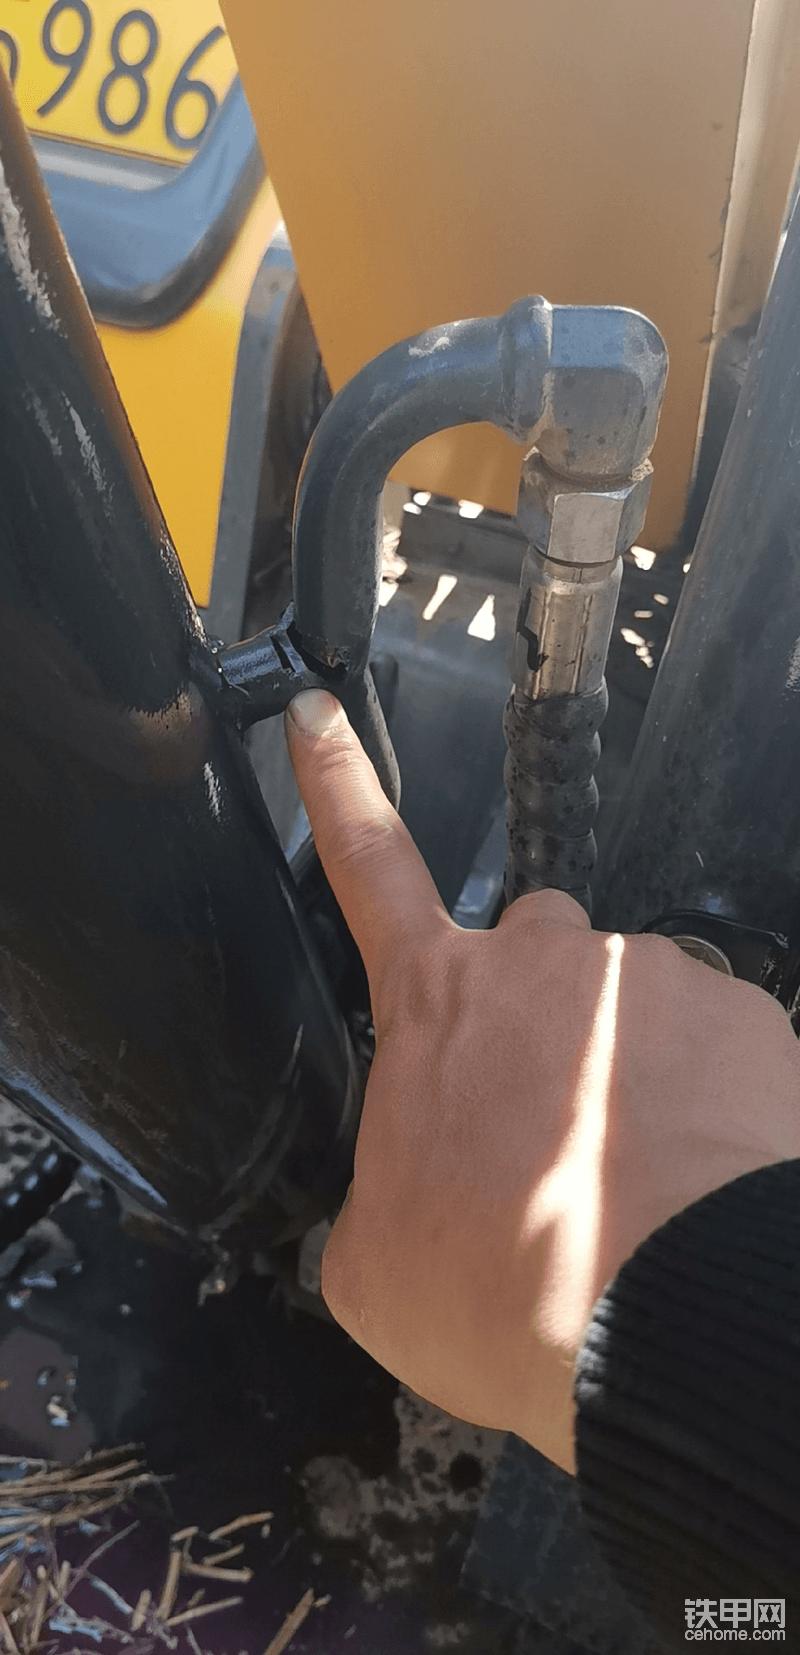 有一次装车得时候,一个木头方子装上了,把铁管顶开焊了